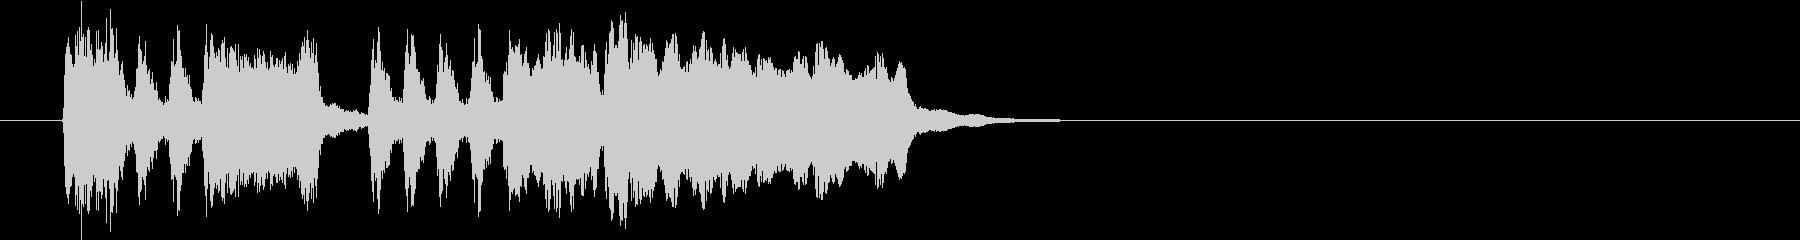 Tpファンファーレ 普通め速め弾みめの未再生の波形